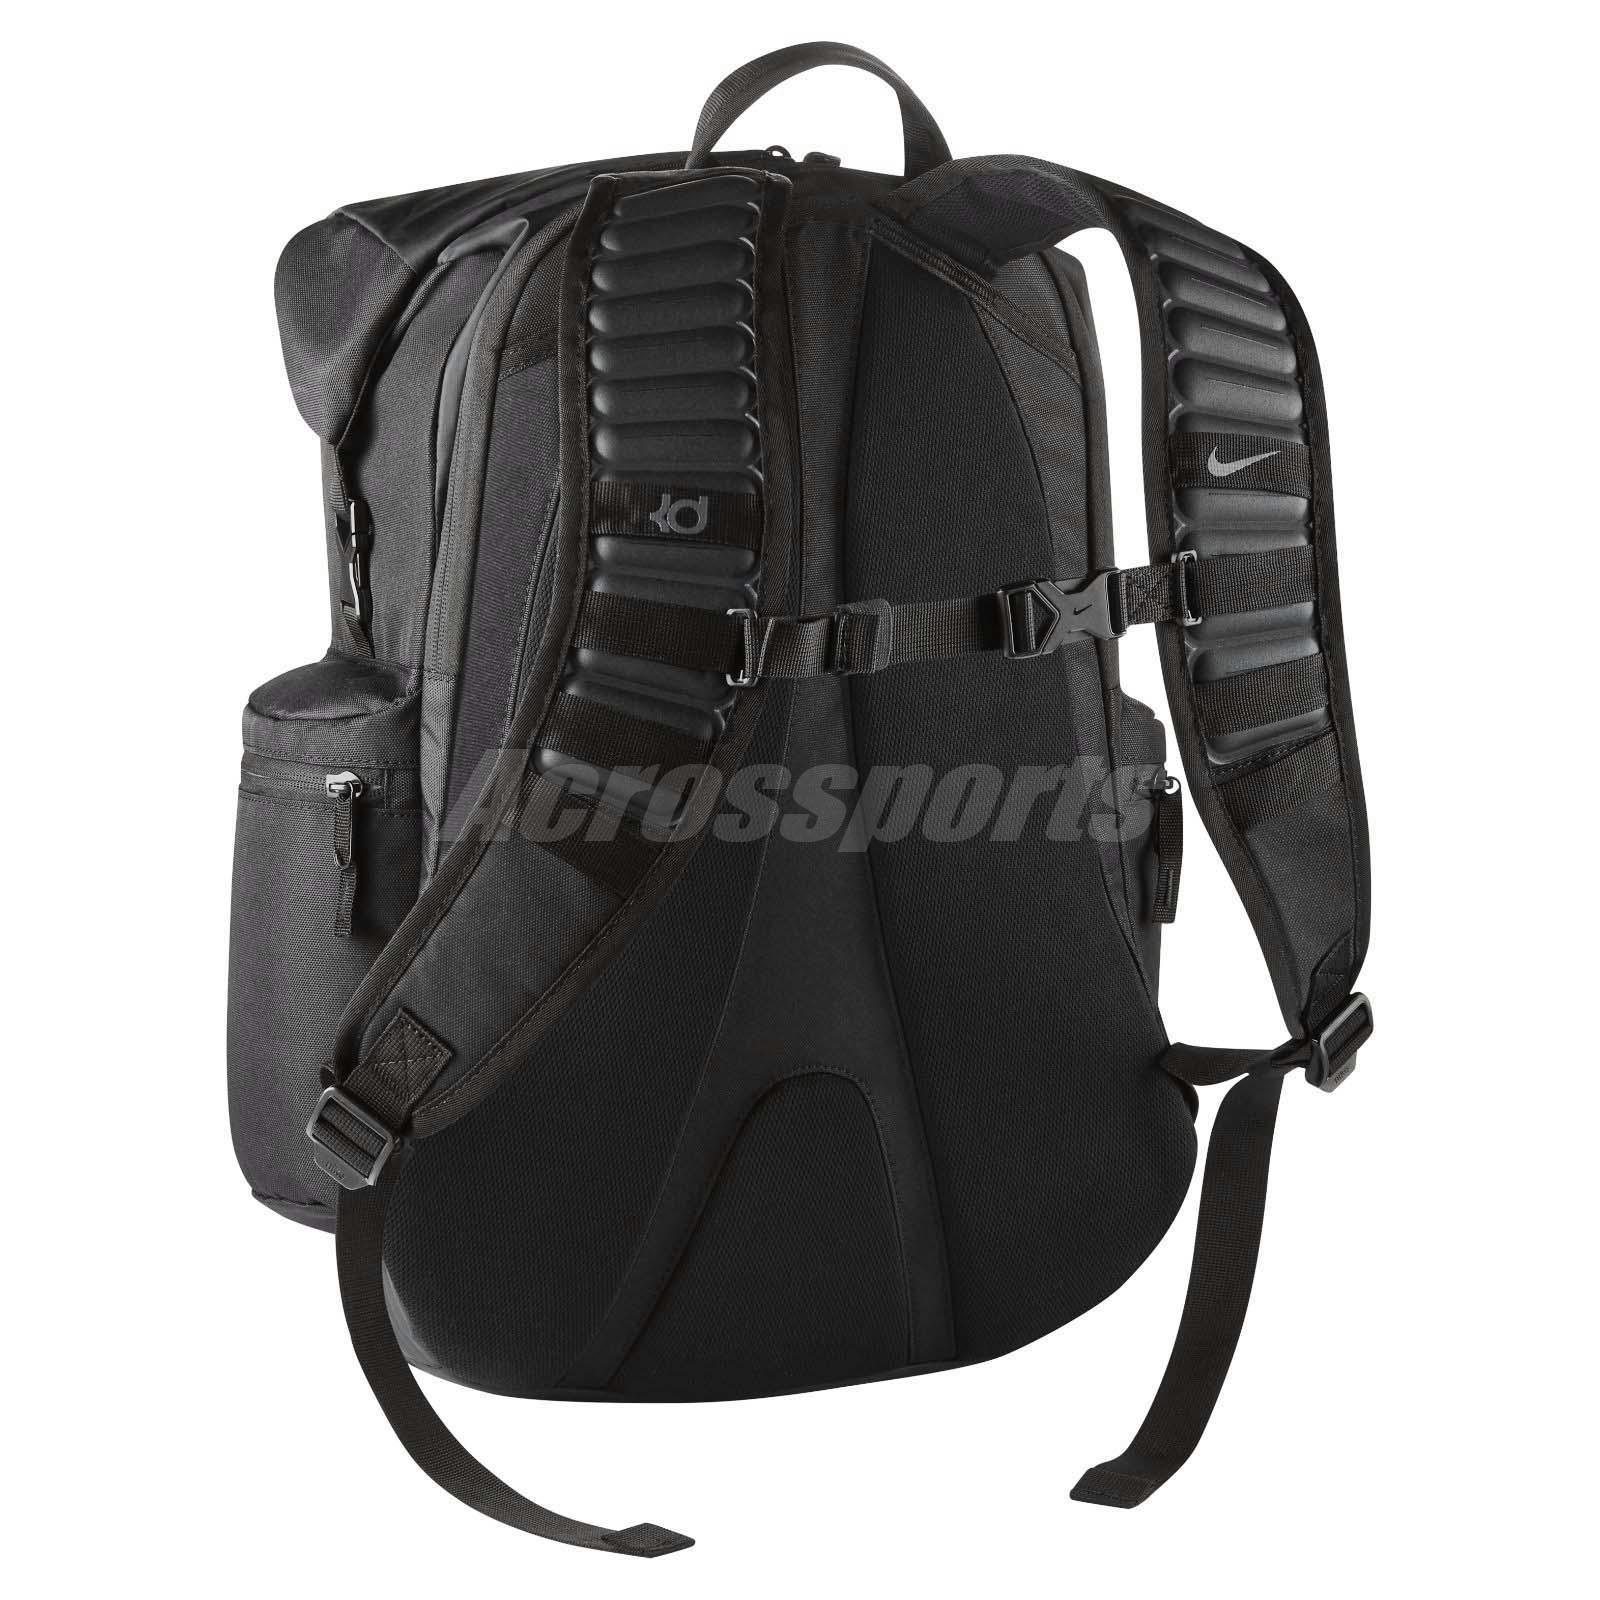 new kd bag Sale 155096b310ffe